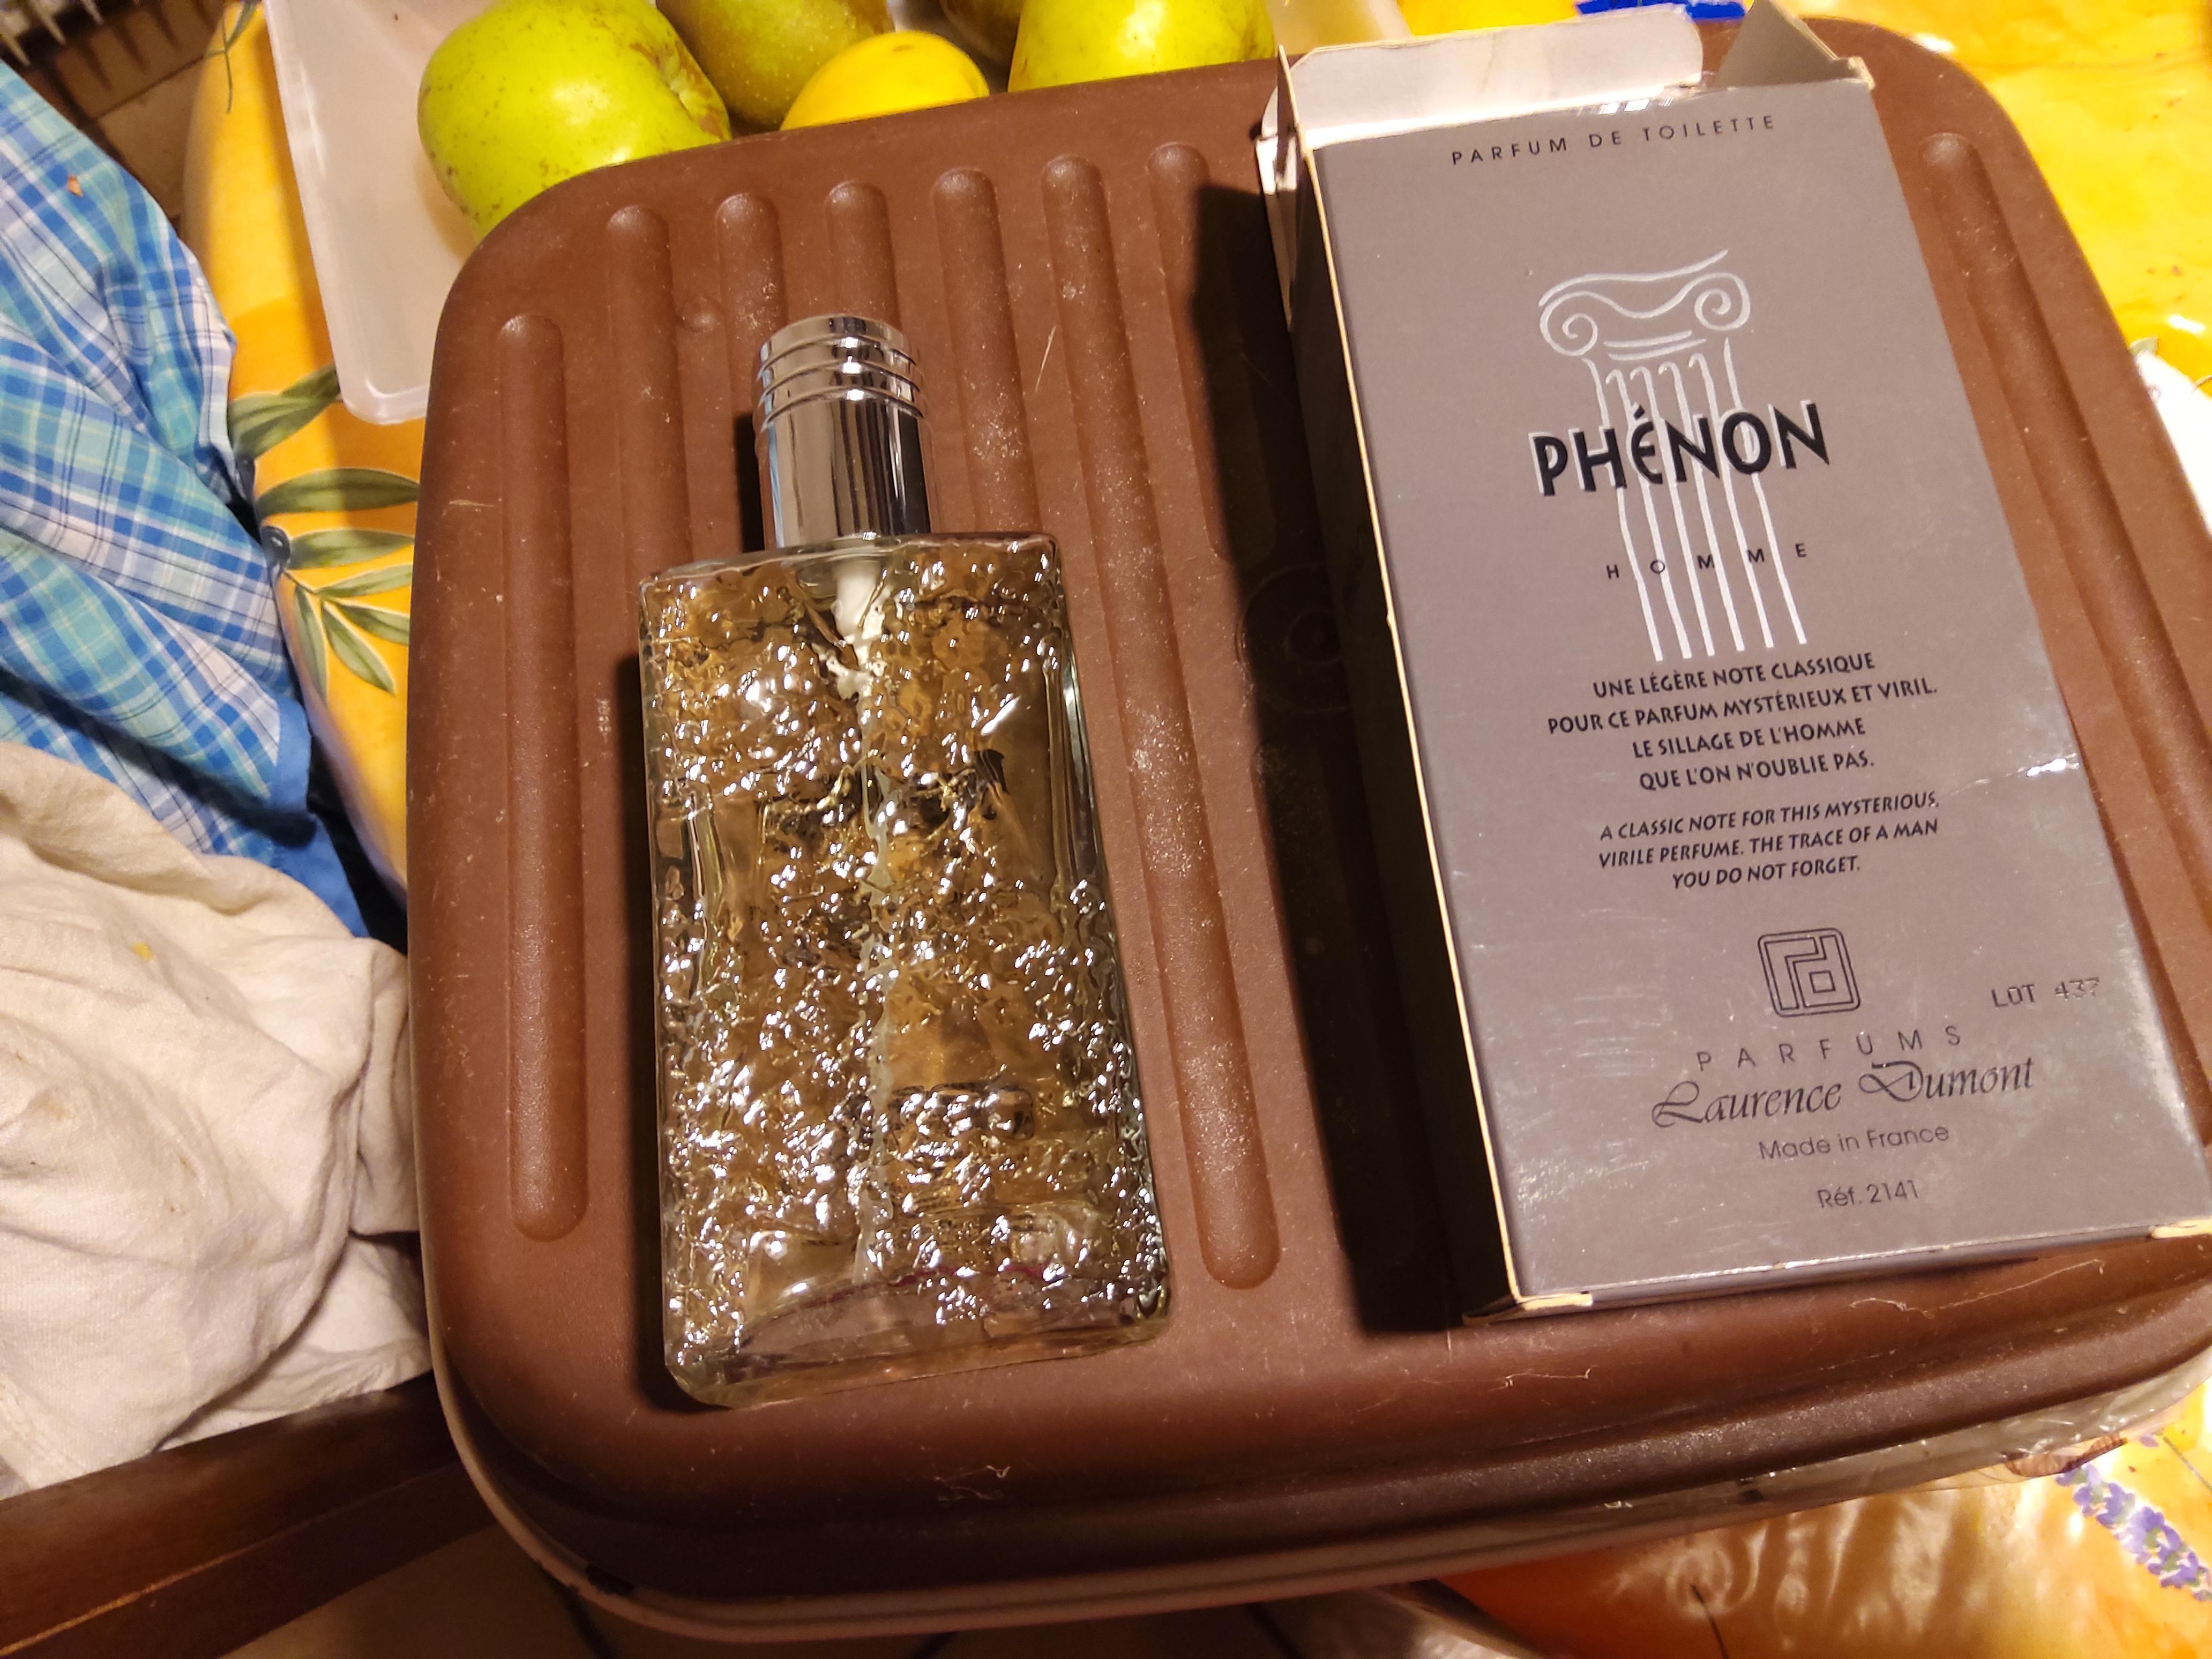 troc de troc parfum homme image 0